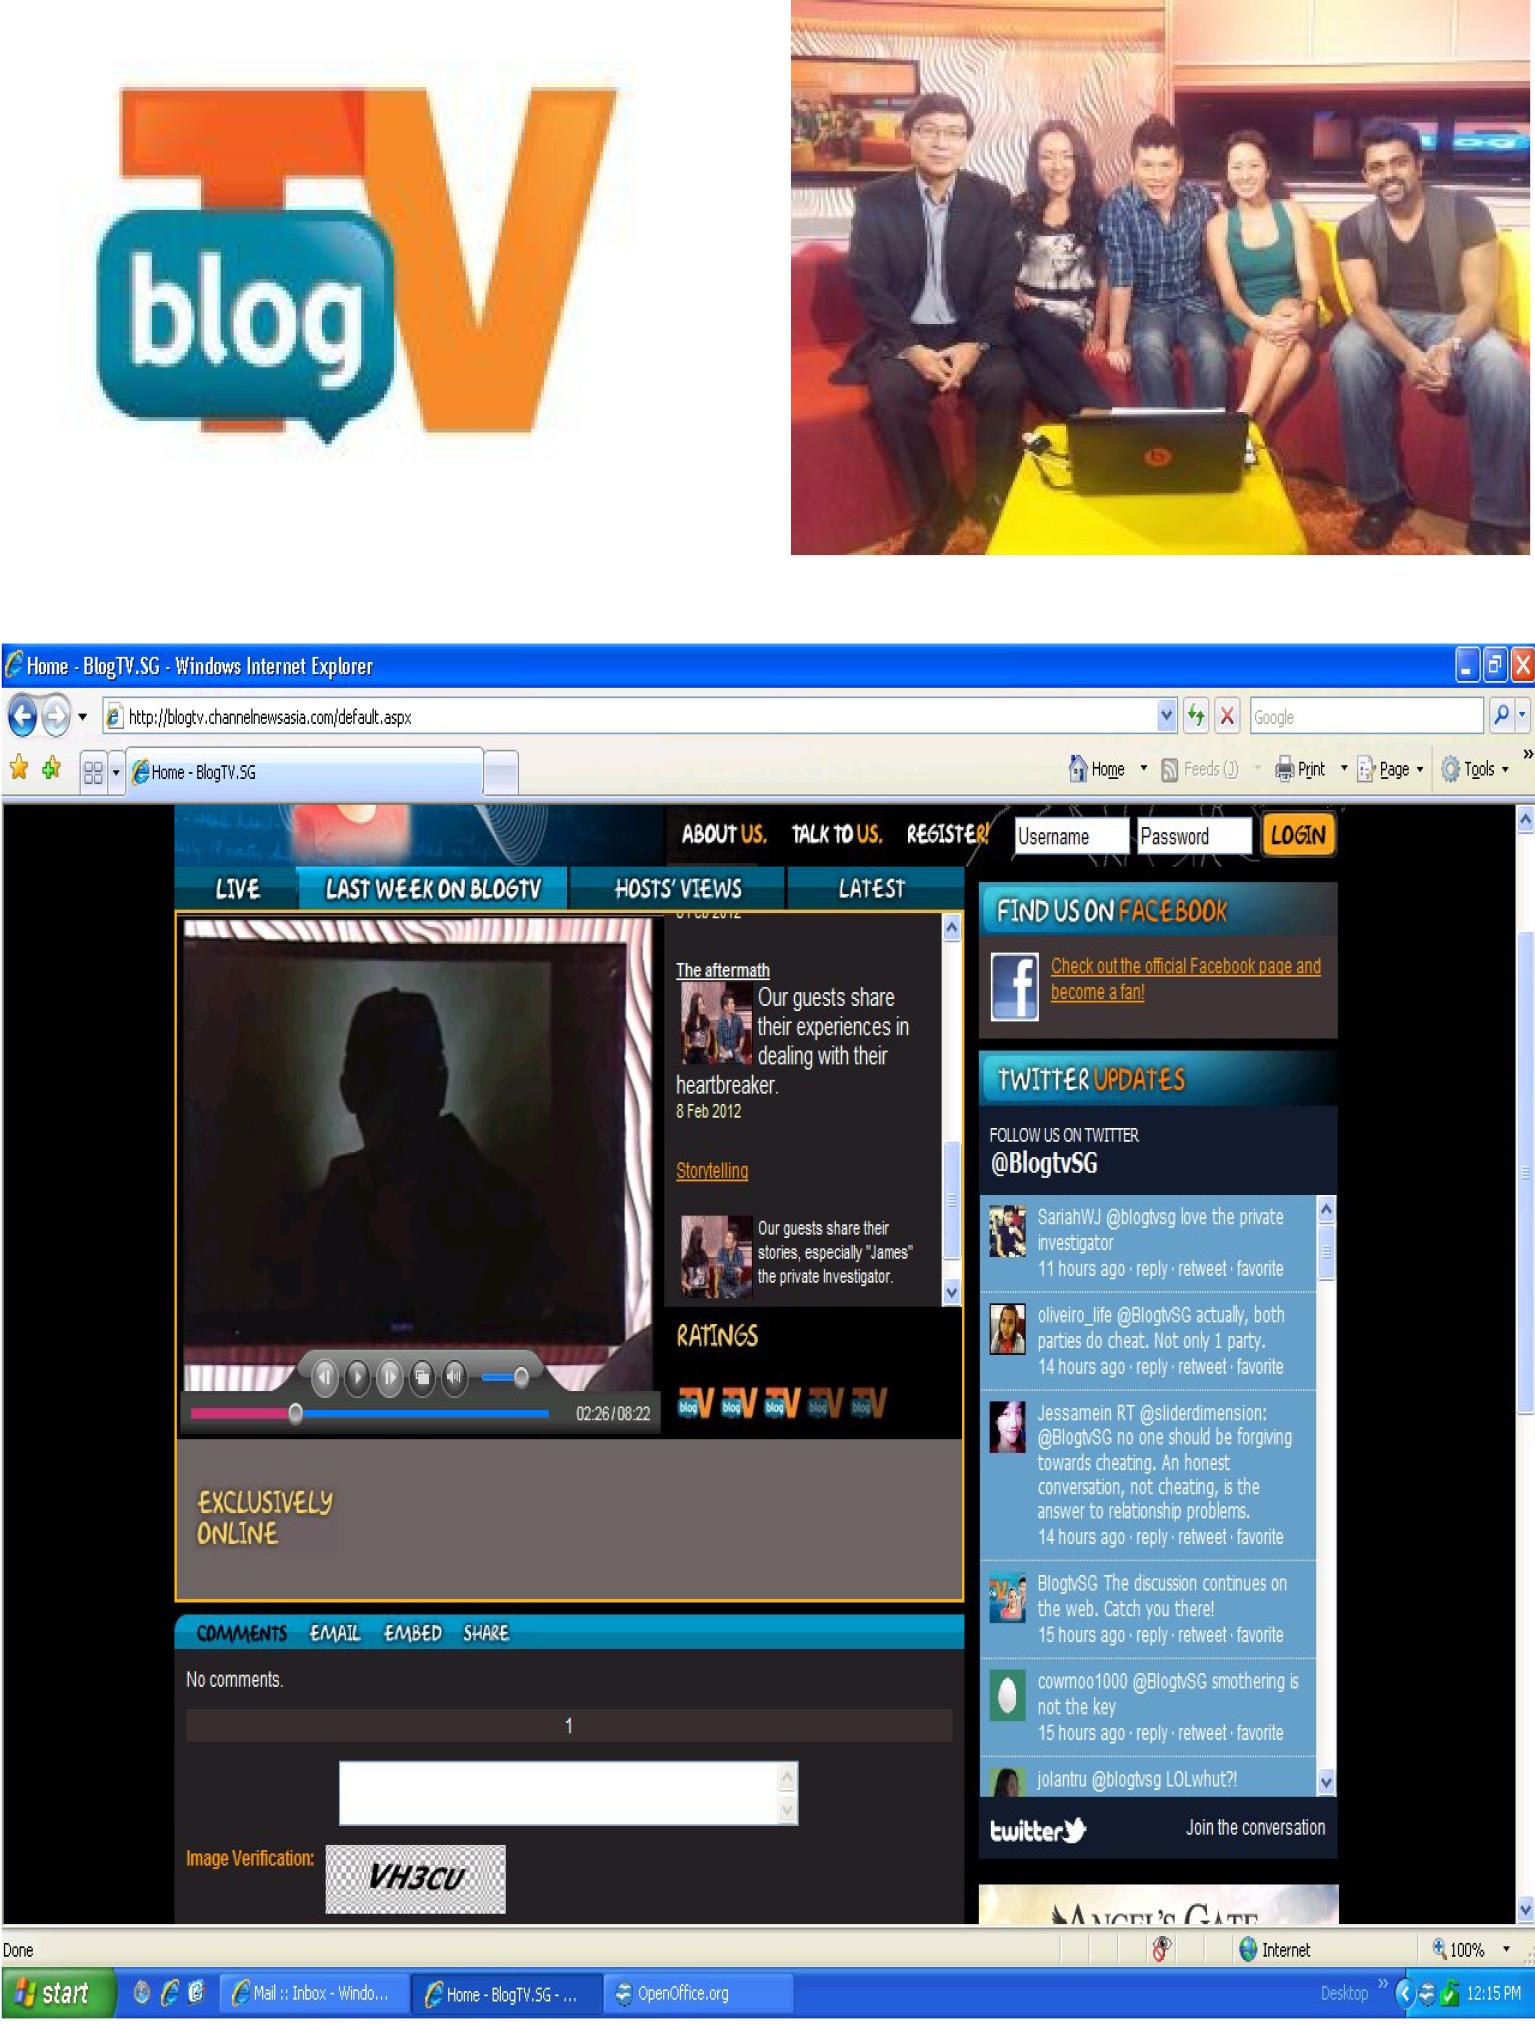 BlogTV.sg